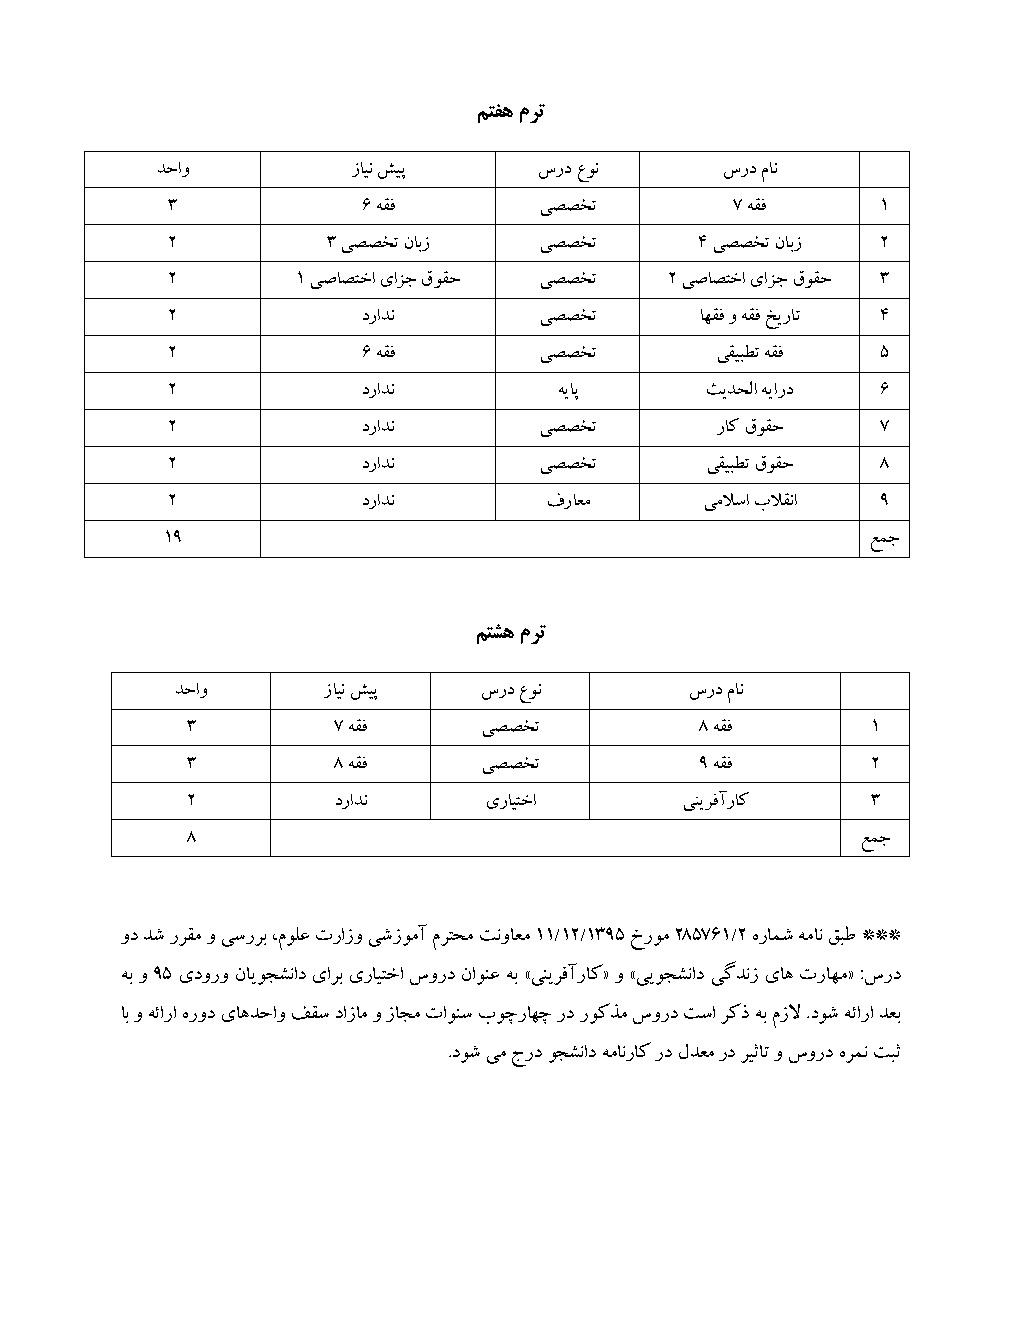 کارشناسی فقه و حقوق اسلامی، ۹۵ به قبل_Page4